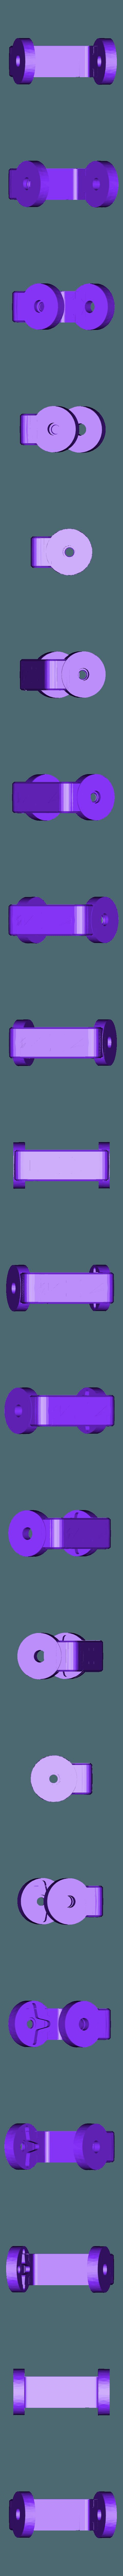 neck bracket v2 .stl Download free STL file GADGET the robotic Gremlin • 3D printing object, atarka3